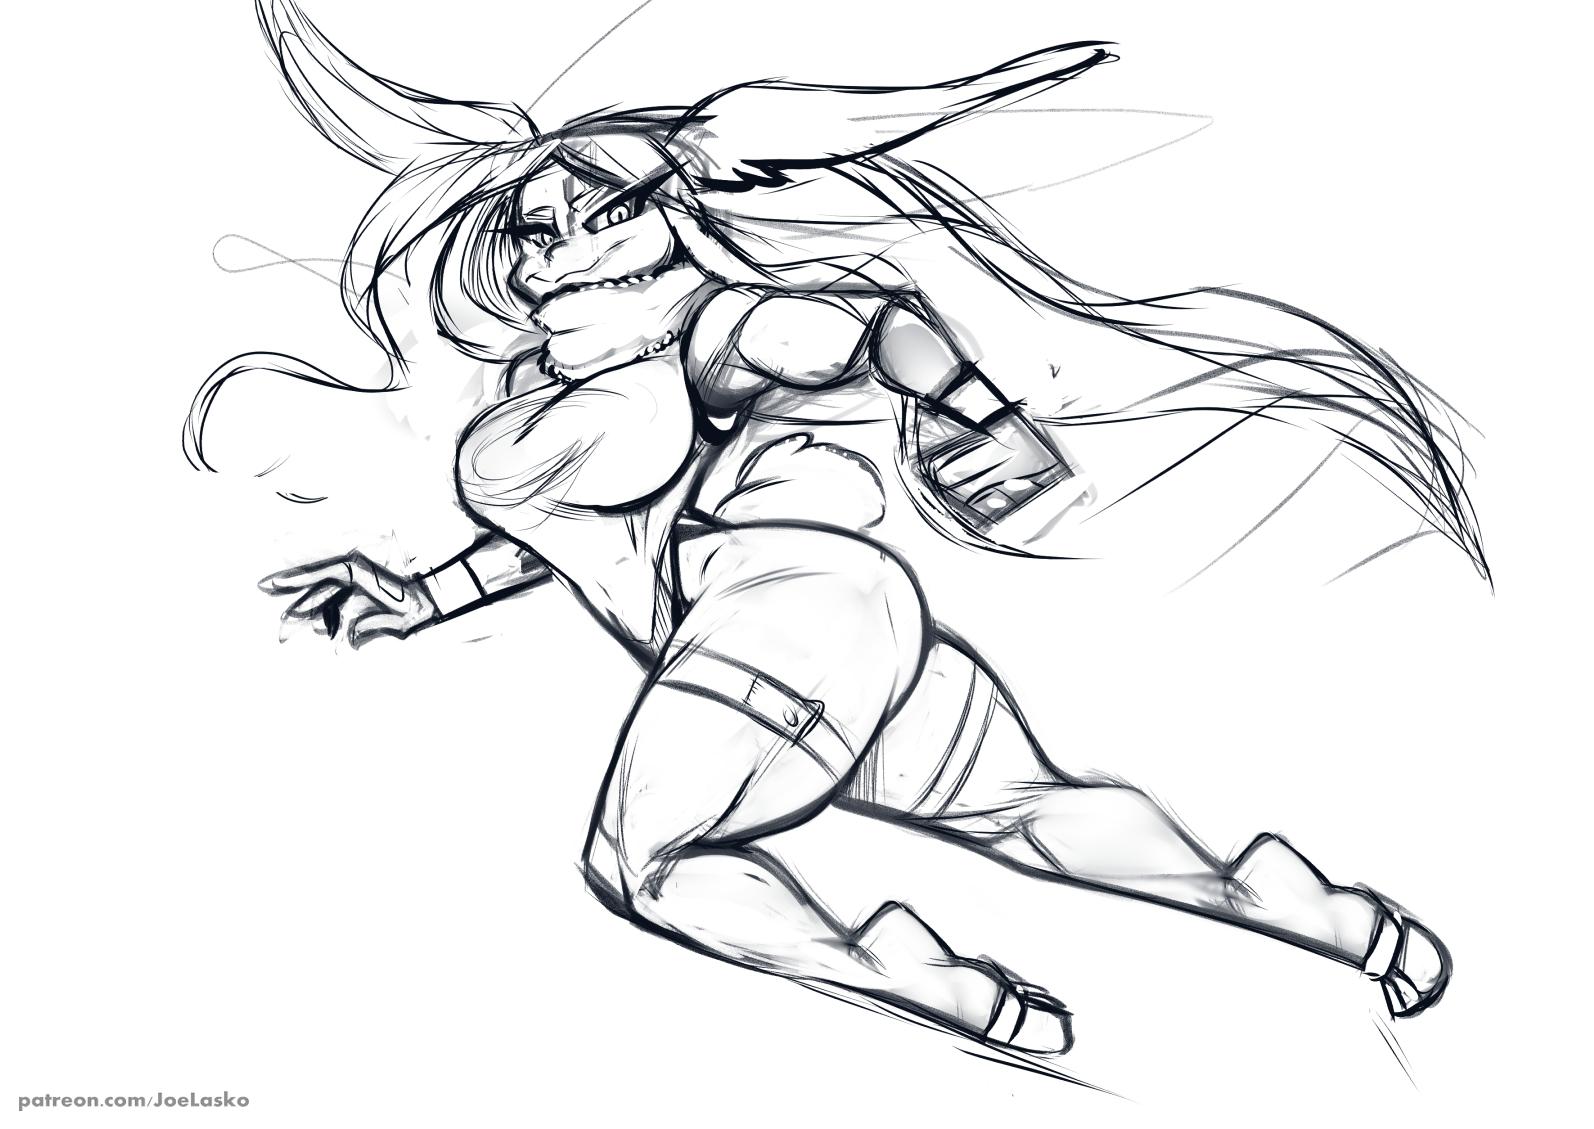 Usagyiyama Sketch 1/2